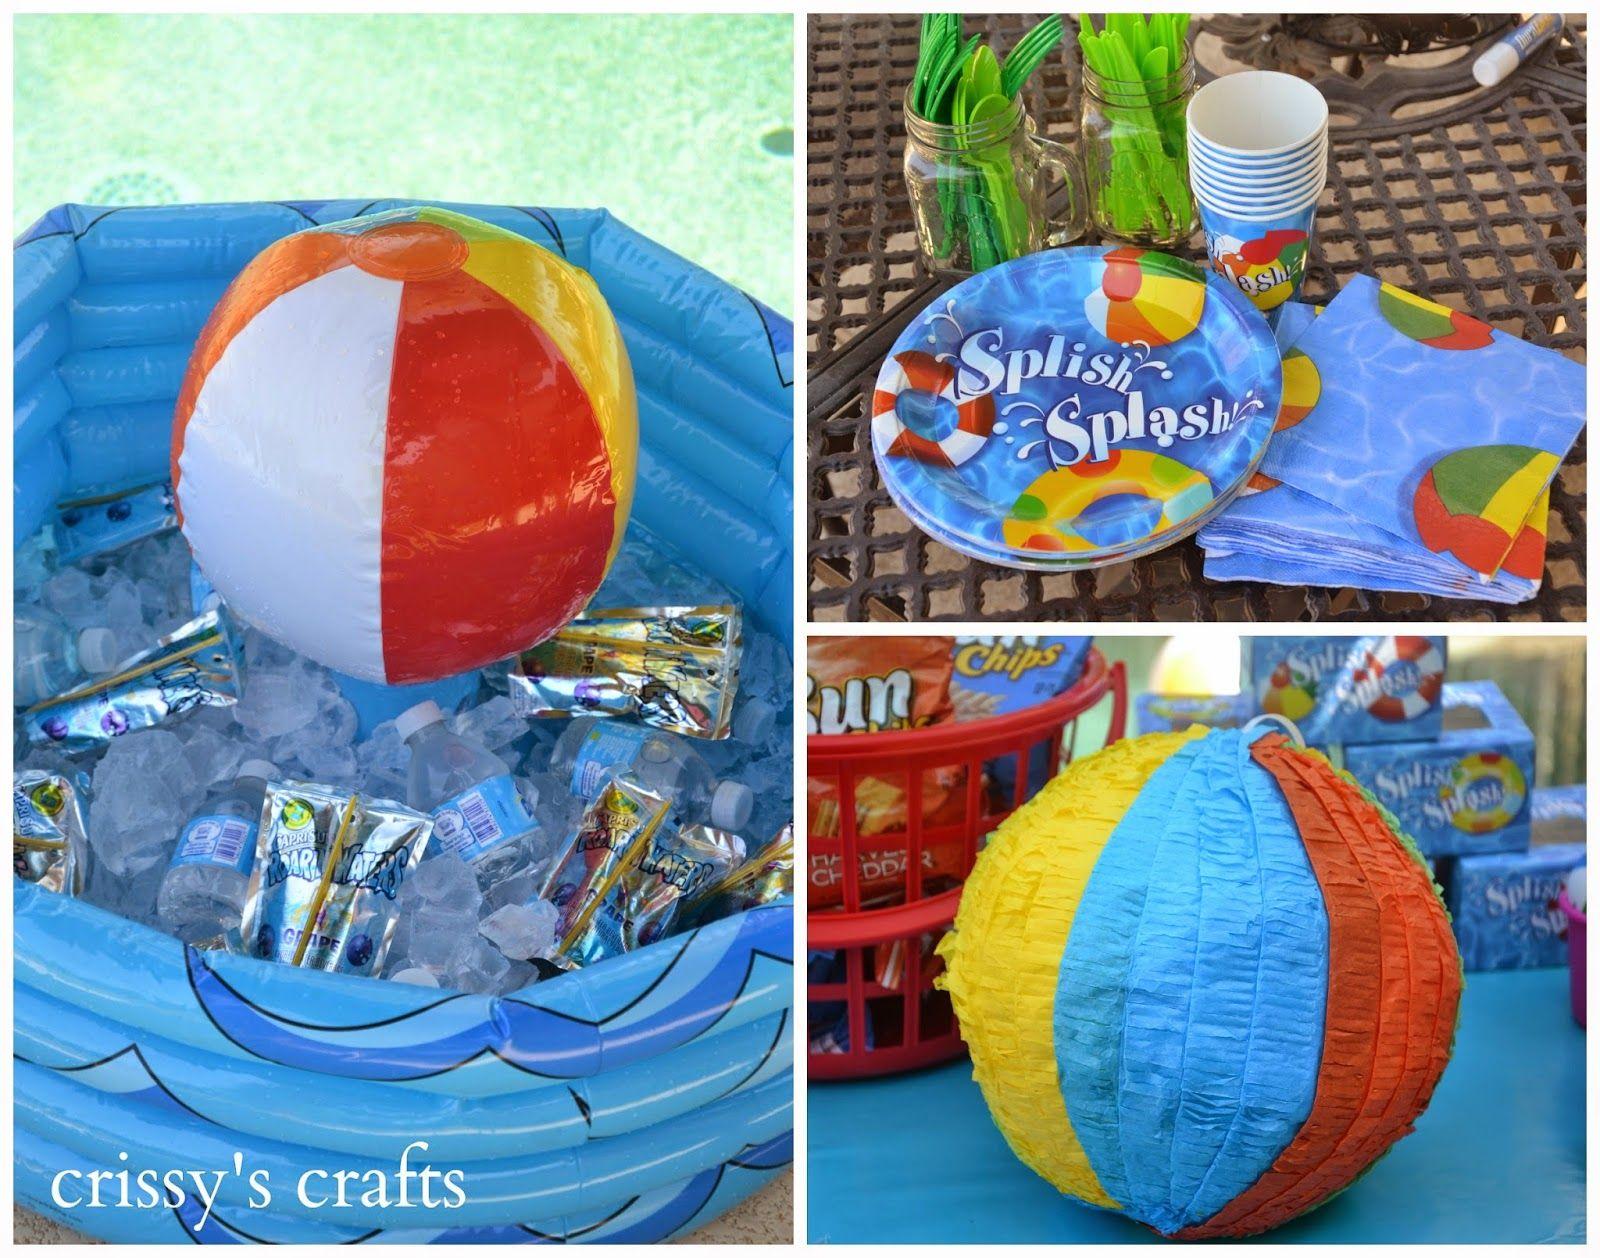 De crissy oficios fiesta en la piscina de verano 2014 for Ideas para cumpleanos en piscina